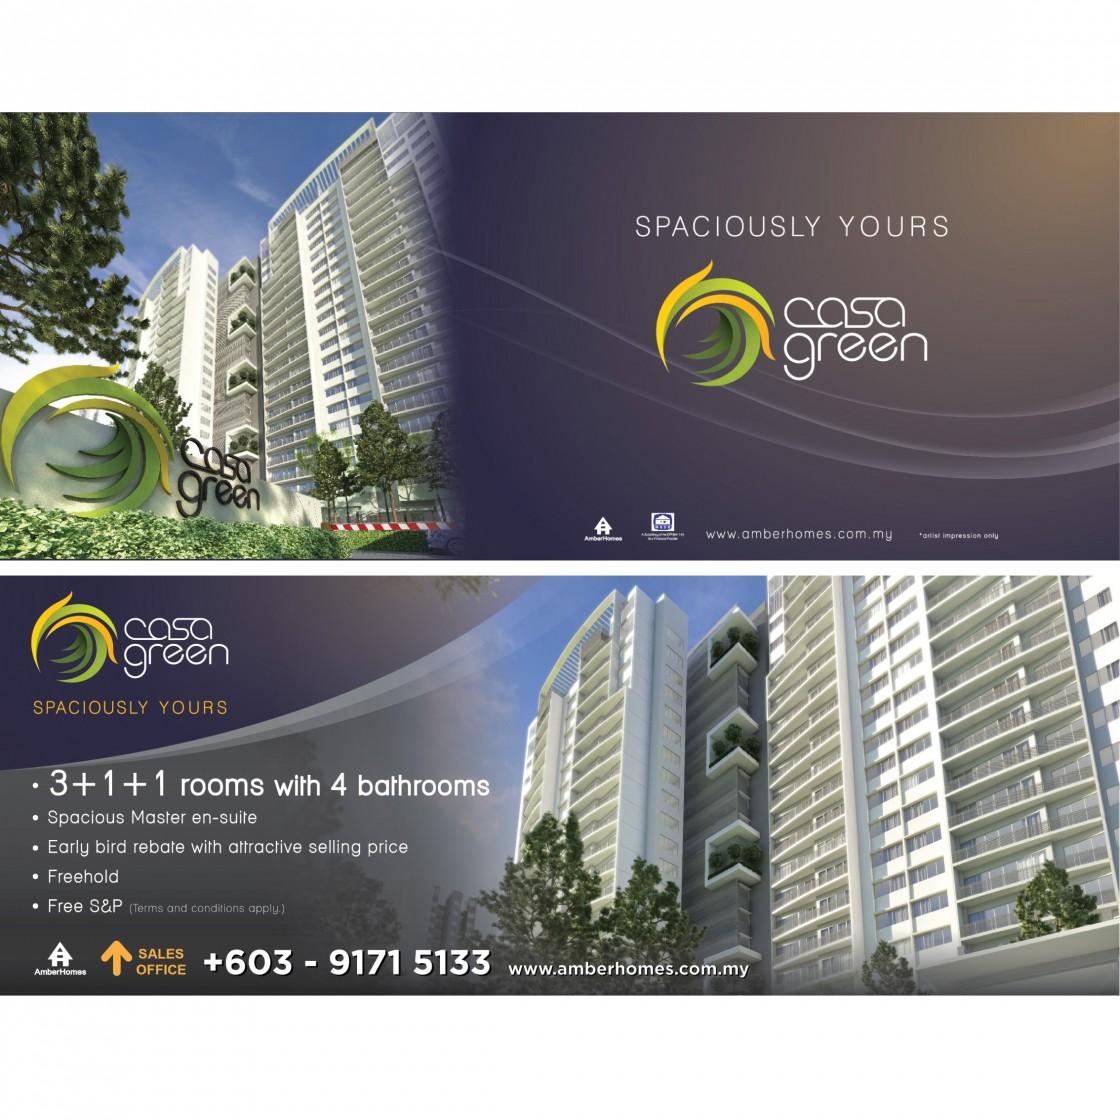 CasaGreen-Brochure-&-panel